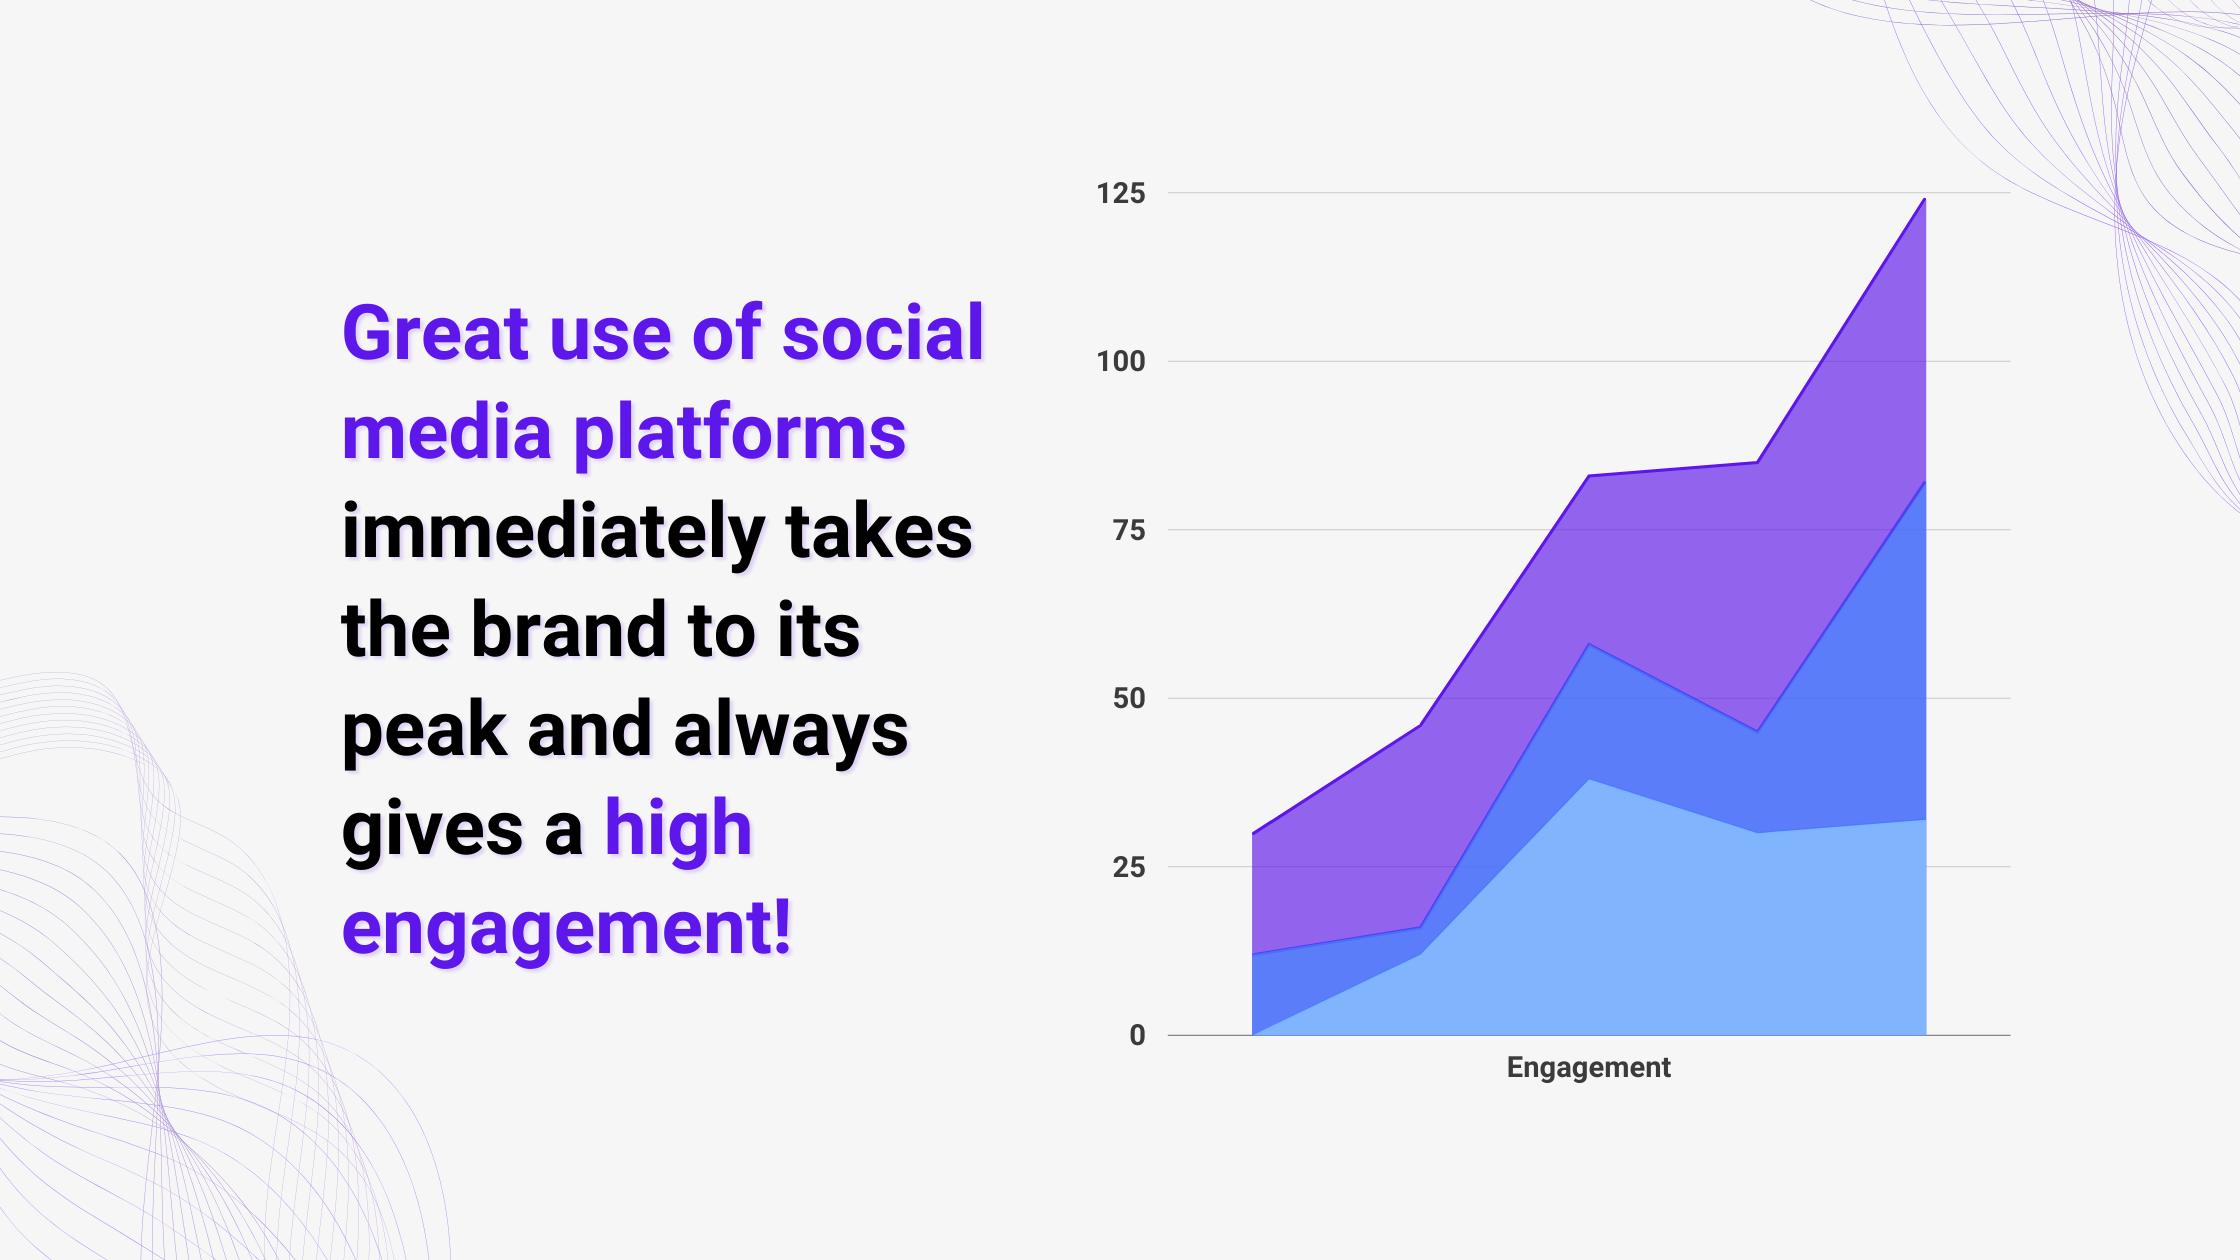 Smm biz internalimg social media marketing tips